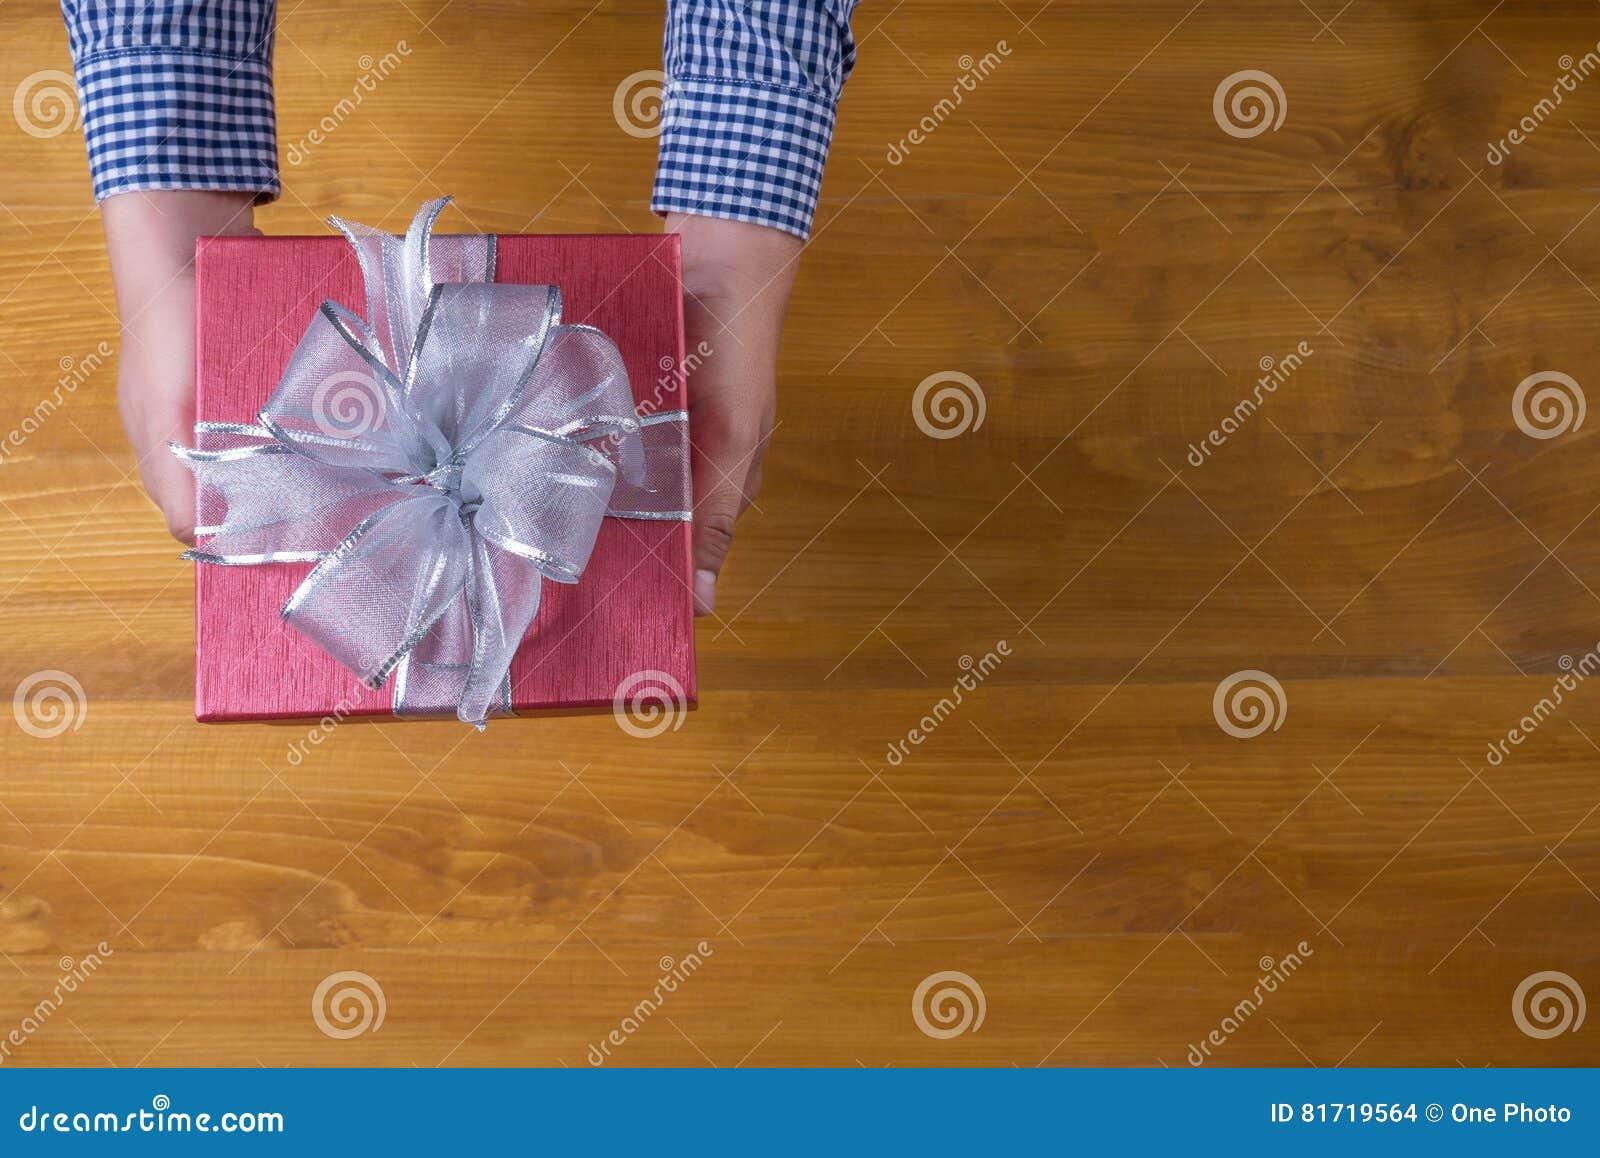 PACKEN Sie Das Geschenk Und Kleines Geschenk Ein, Die Eingewickelt ...